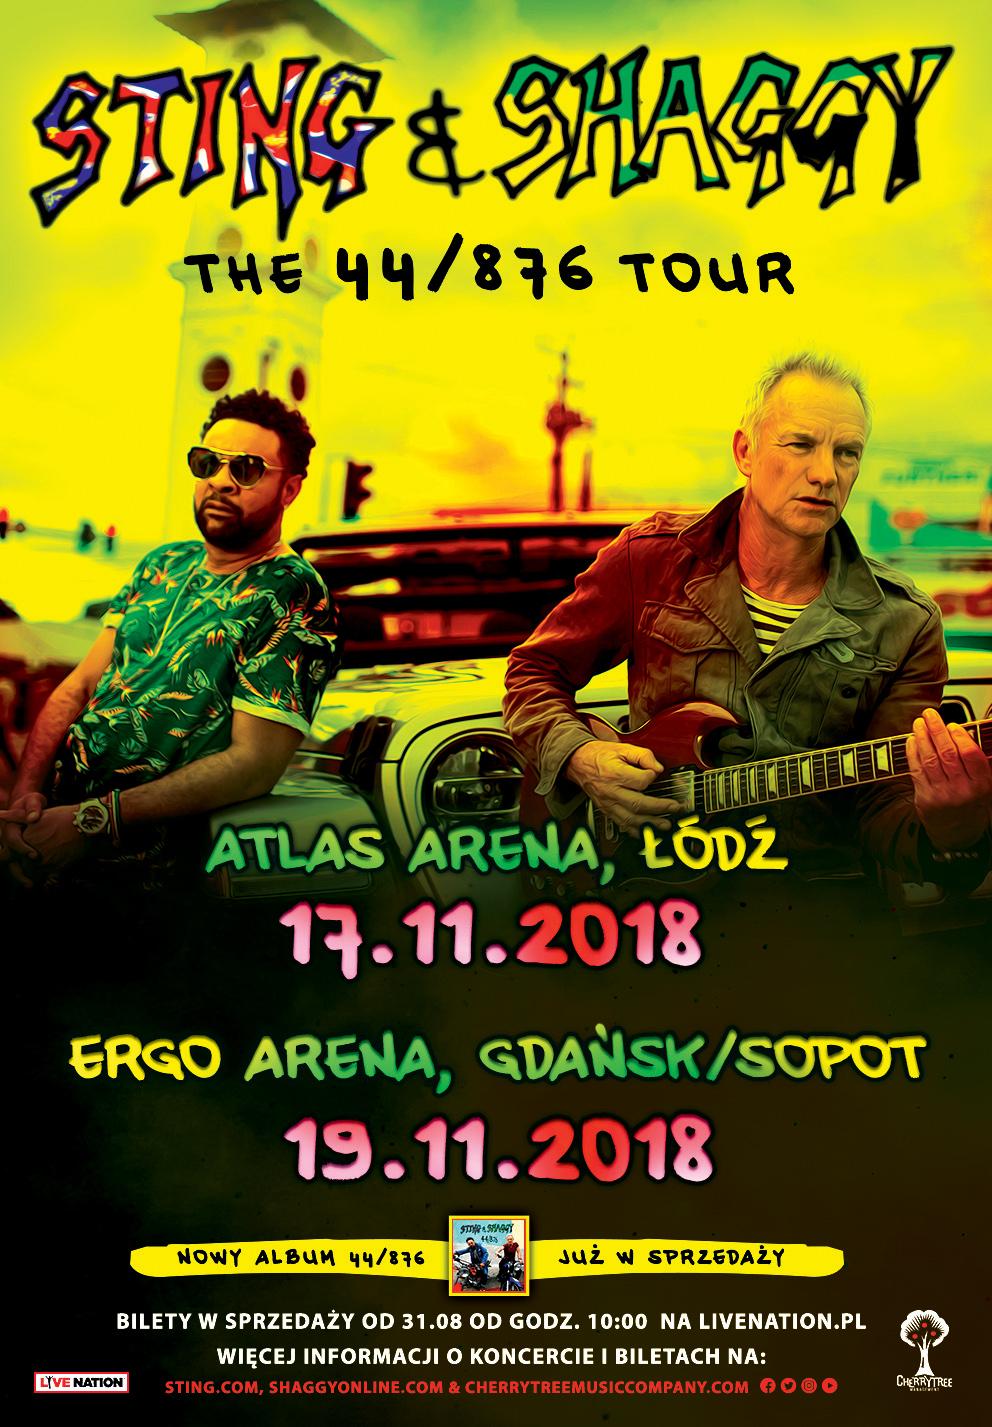 magazynkobiet.pl - Sting Shaggy POLAND 2018 pop - Koncert STING & SHAGGY w Gdańsku! | 19.11.2018